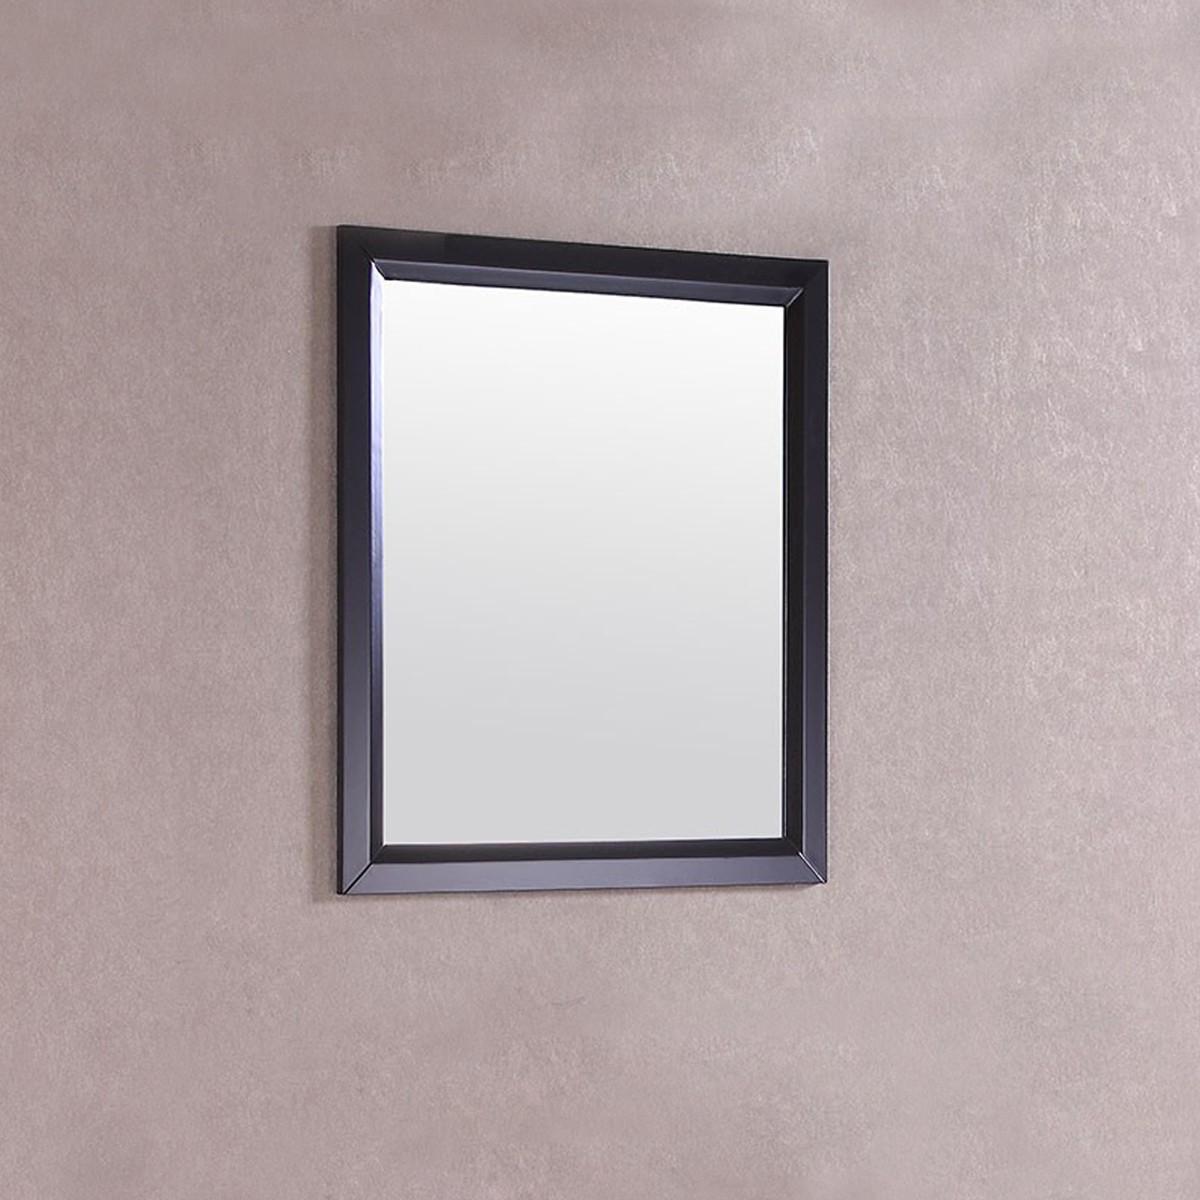 33 x 35 In. Bathroom Vanity Mirror (DK-T9199-36E-M)